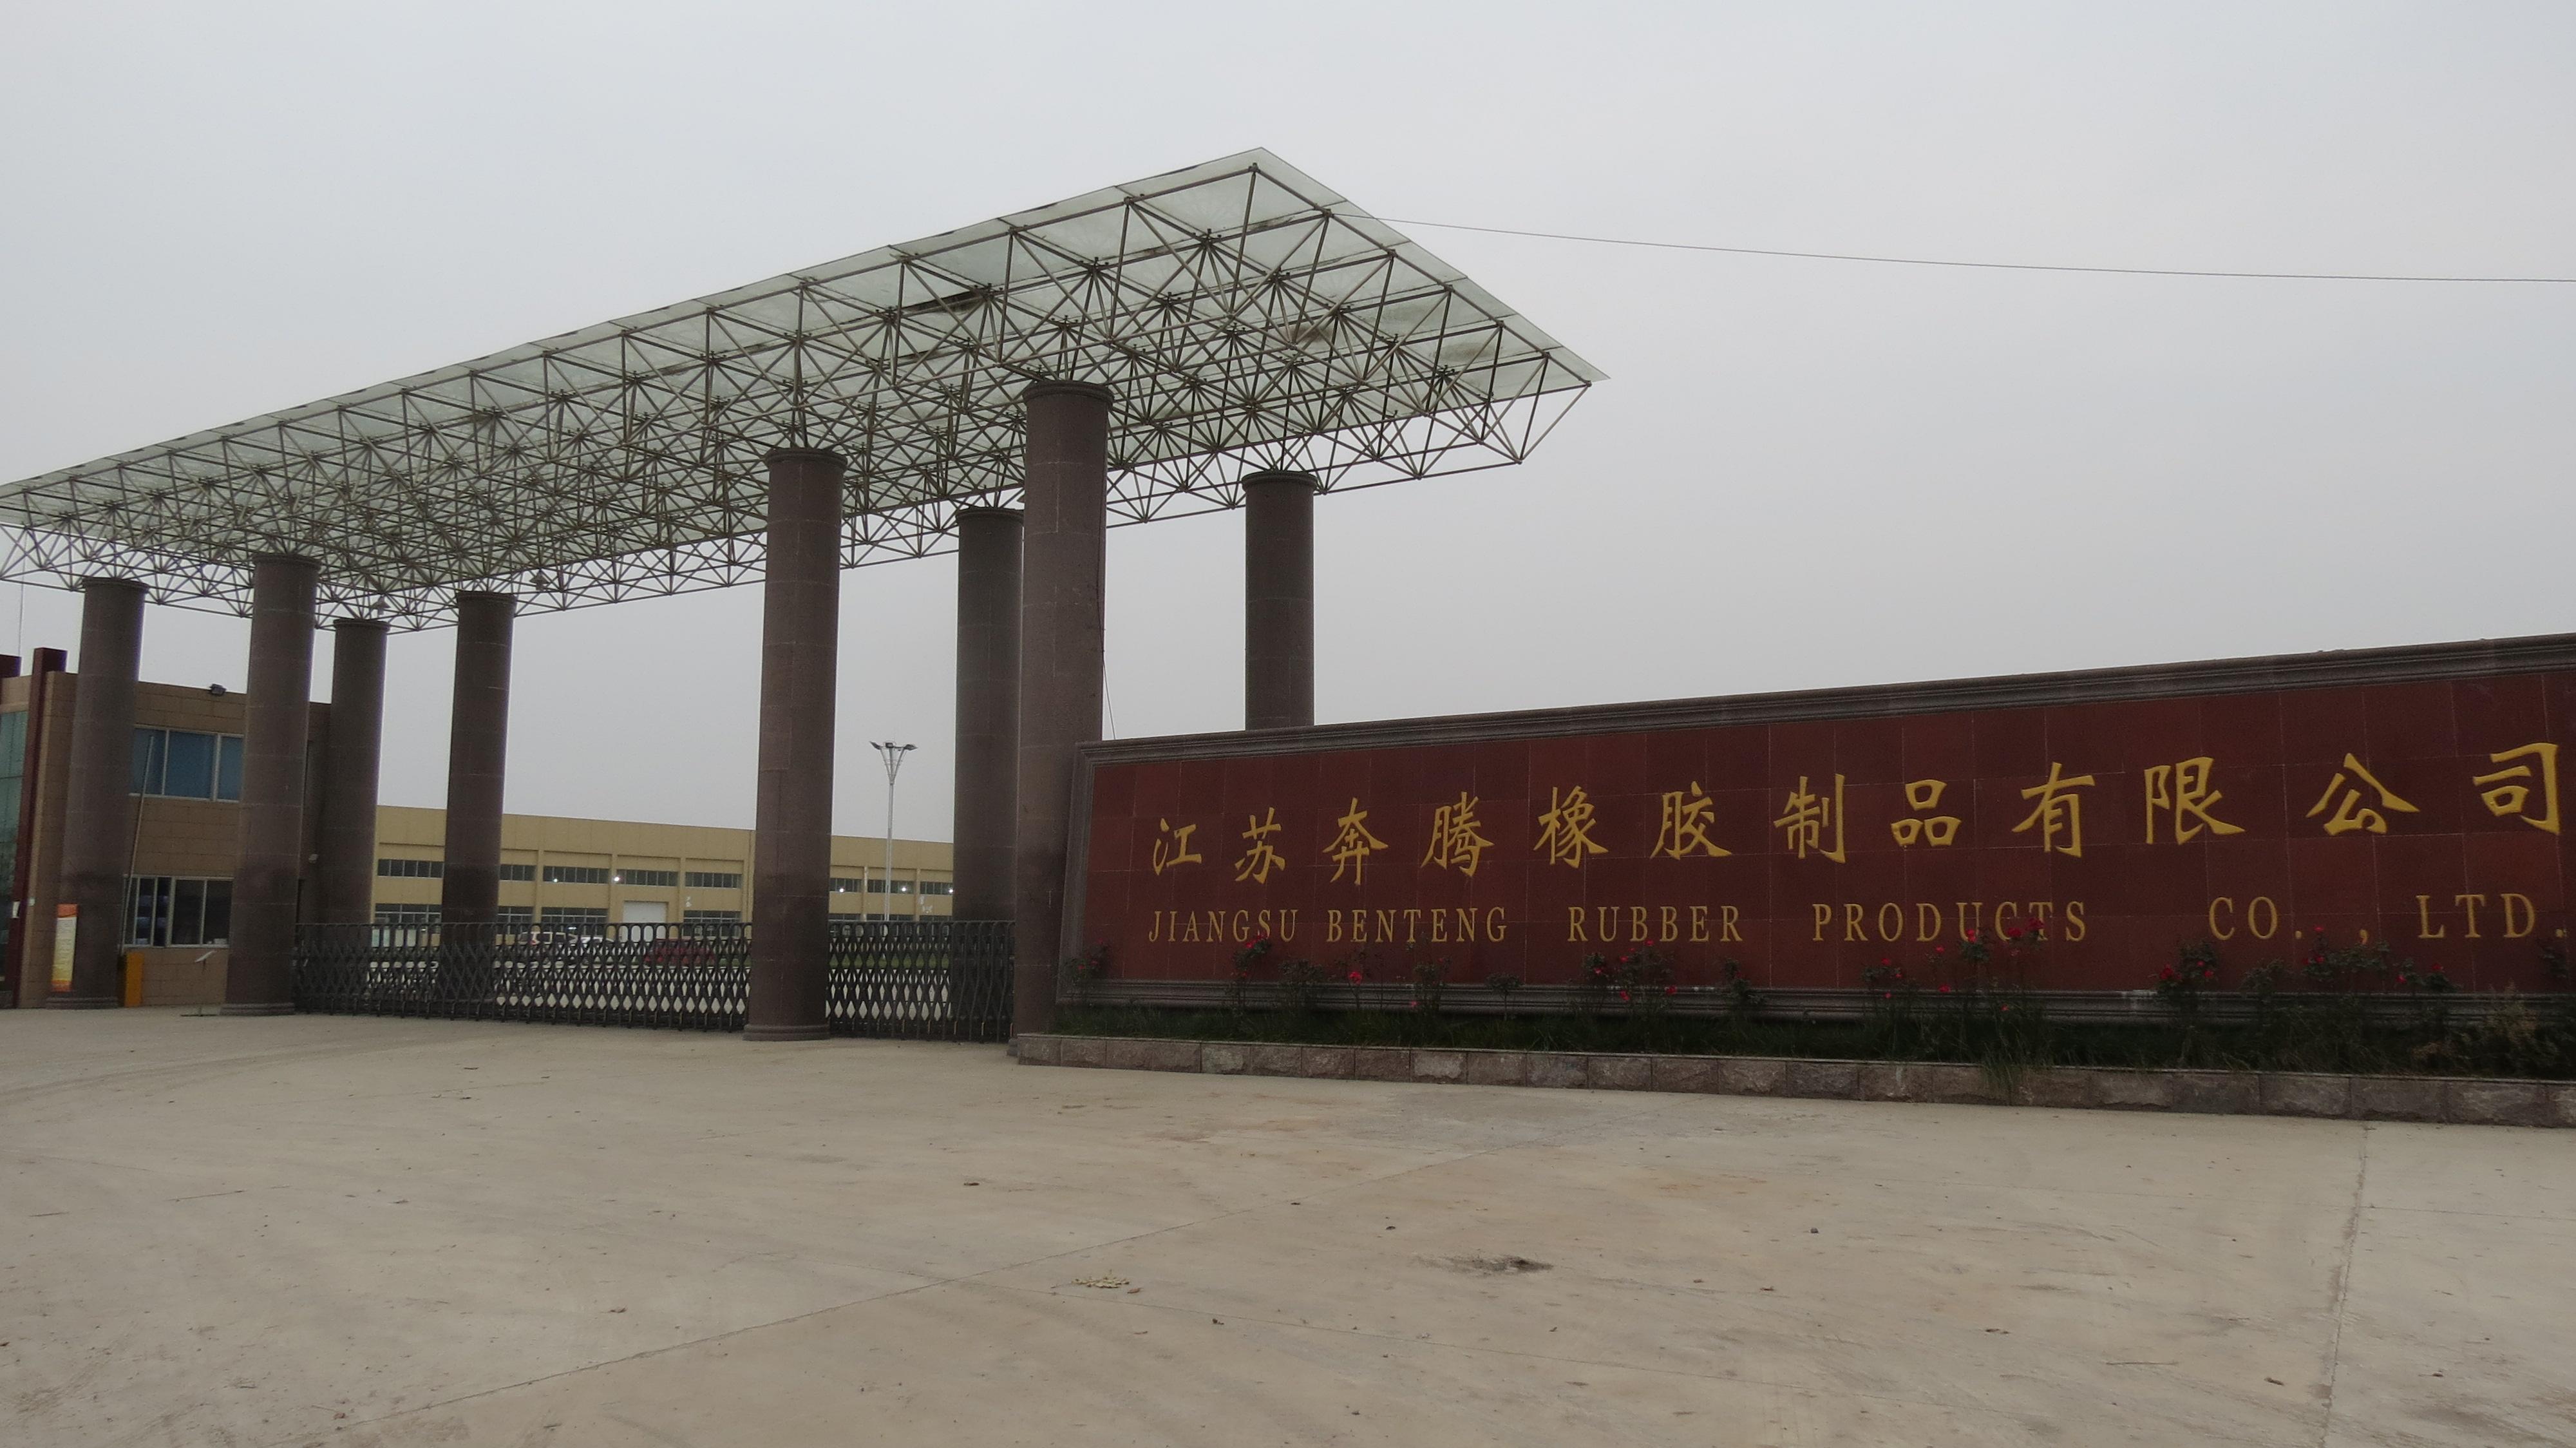 东海经济开发区-江苏奔腾橡胶制品有限公司